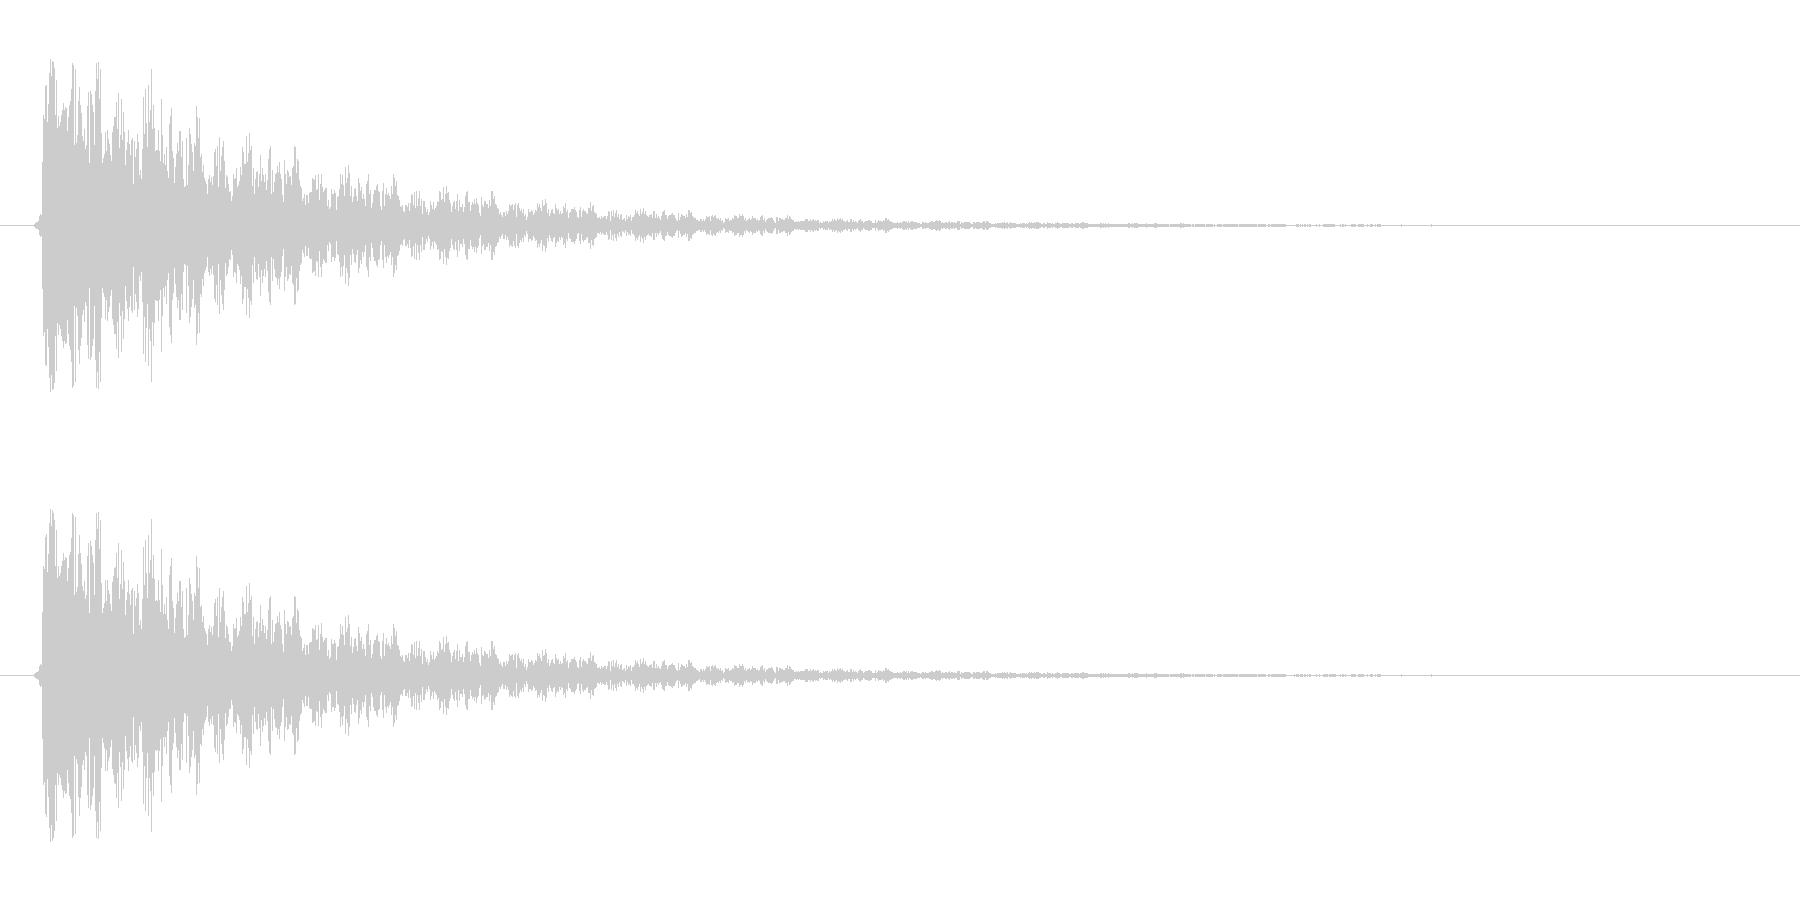 【衝撃05-3】の未再生の波形